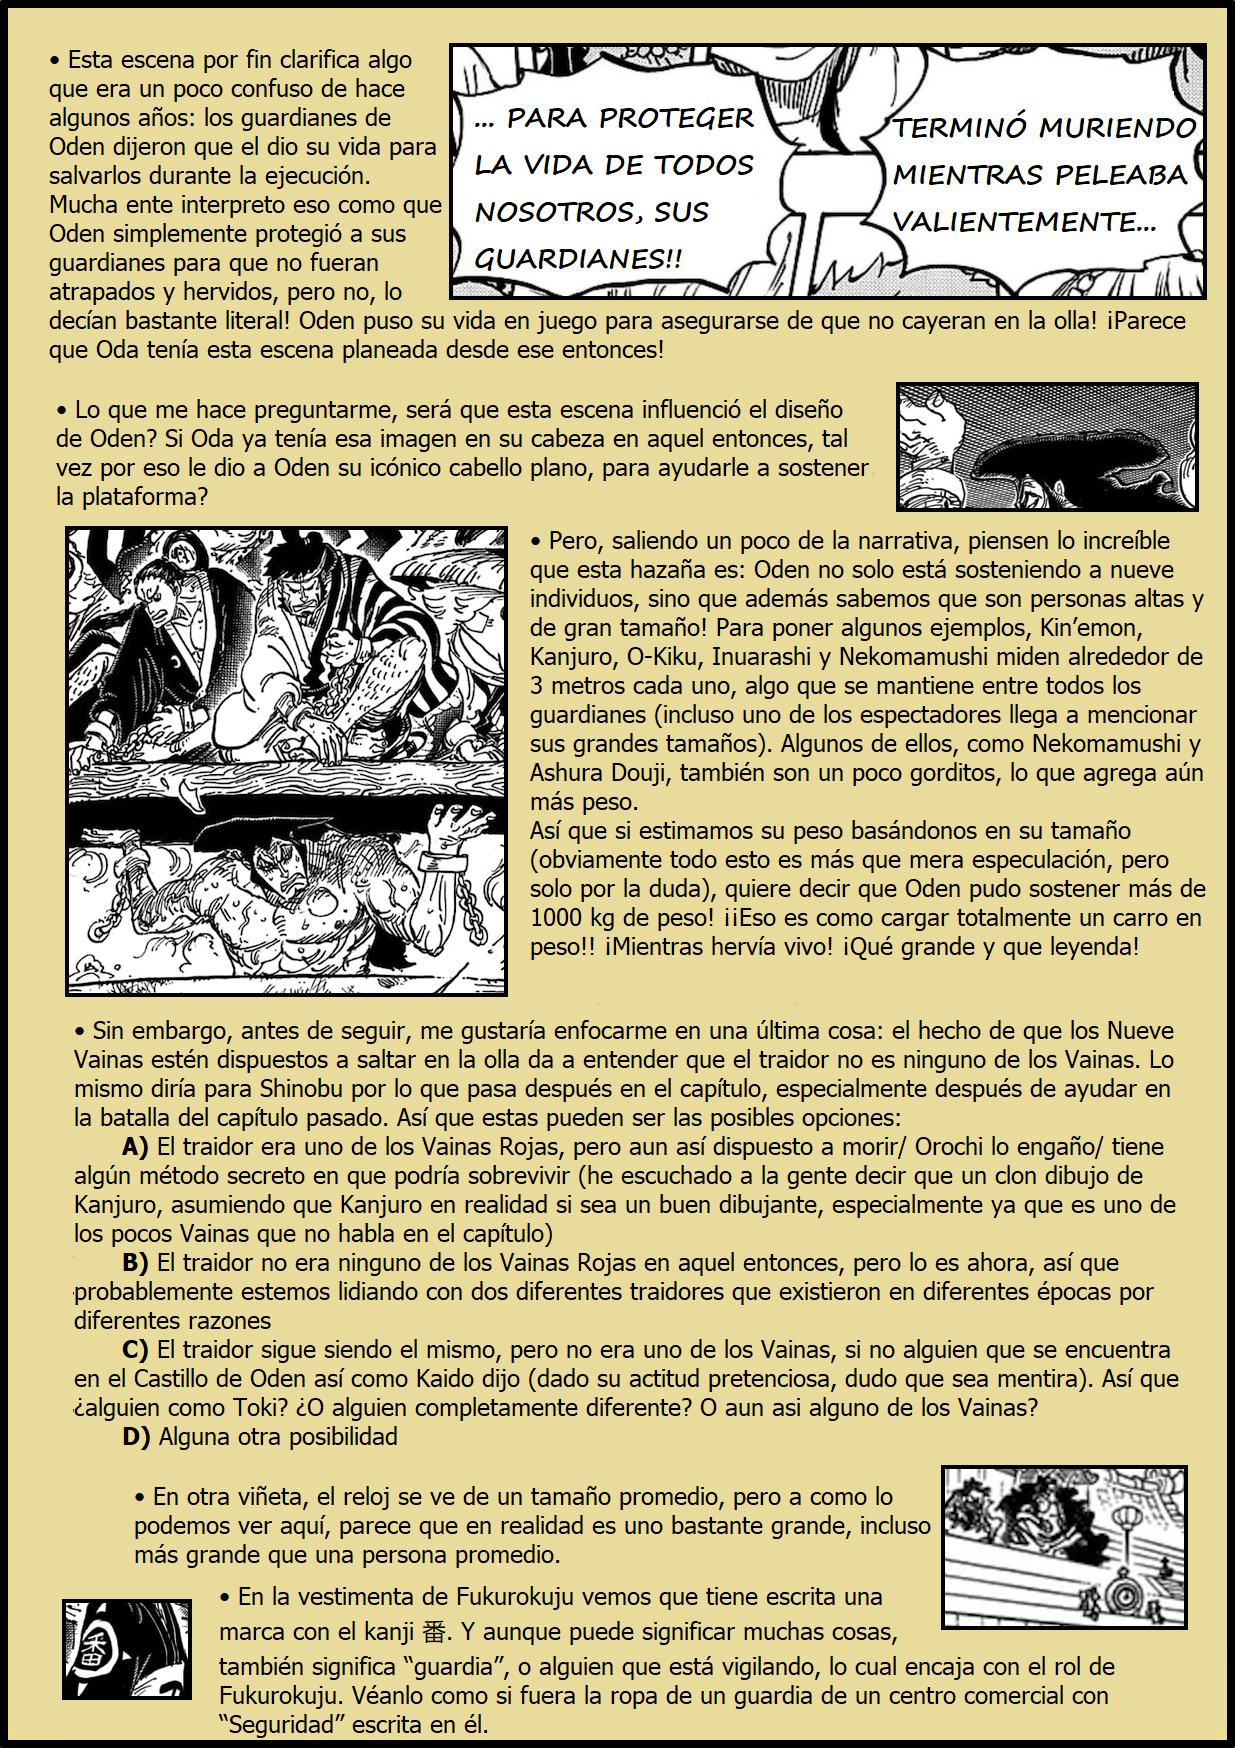 Secretos & Curiosidades - One Piece Manga 971 05